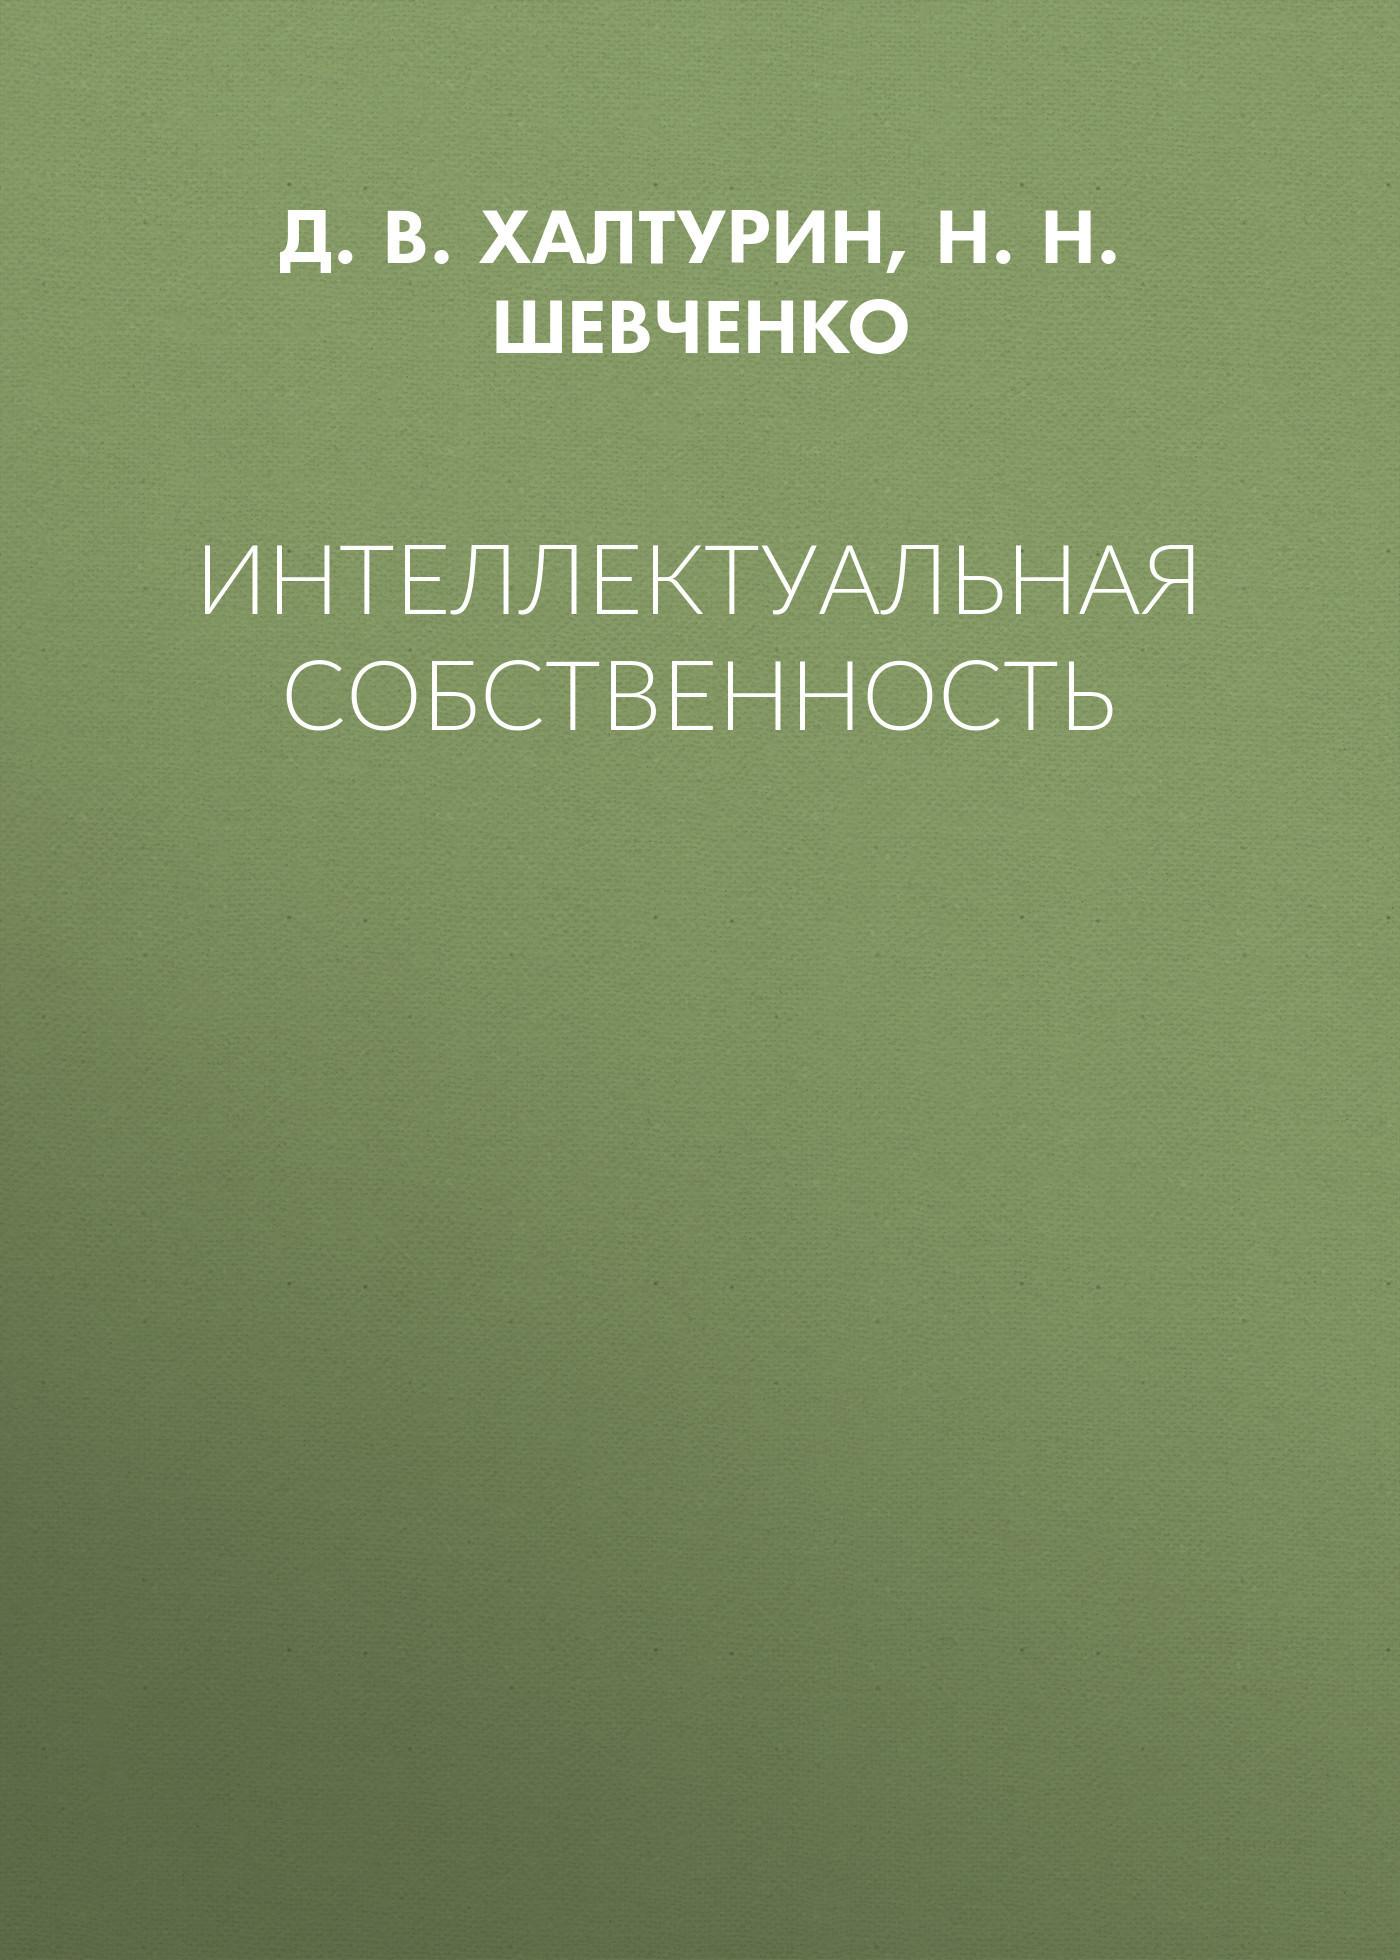 Нина Шевченко, Дмитрий Халтурин - Интеллектуальная собственность